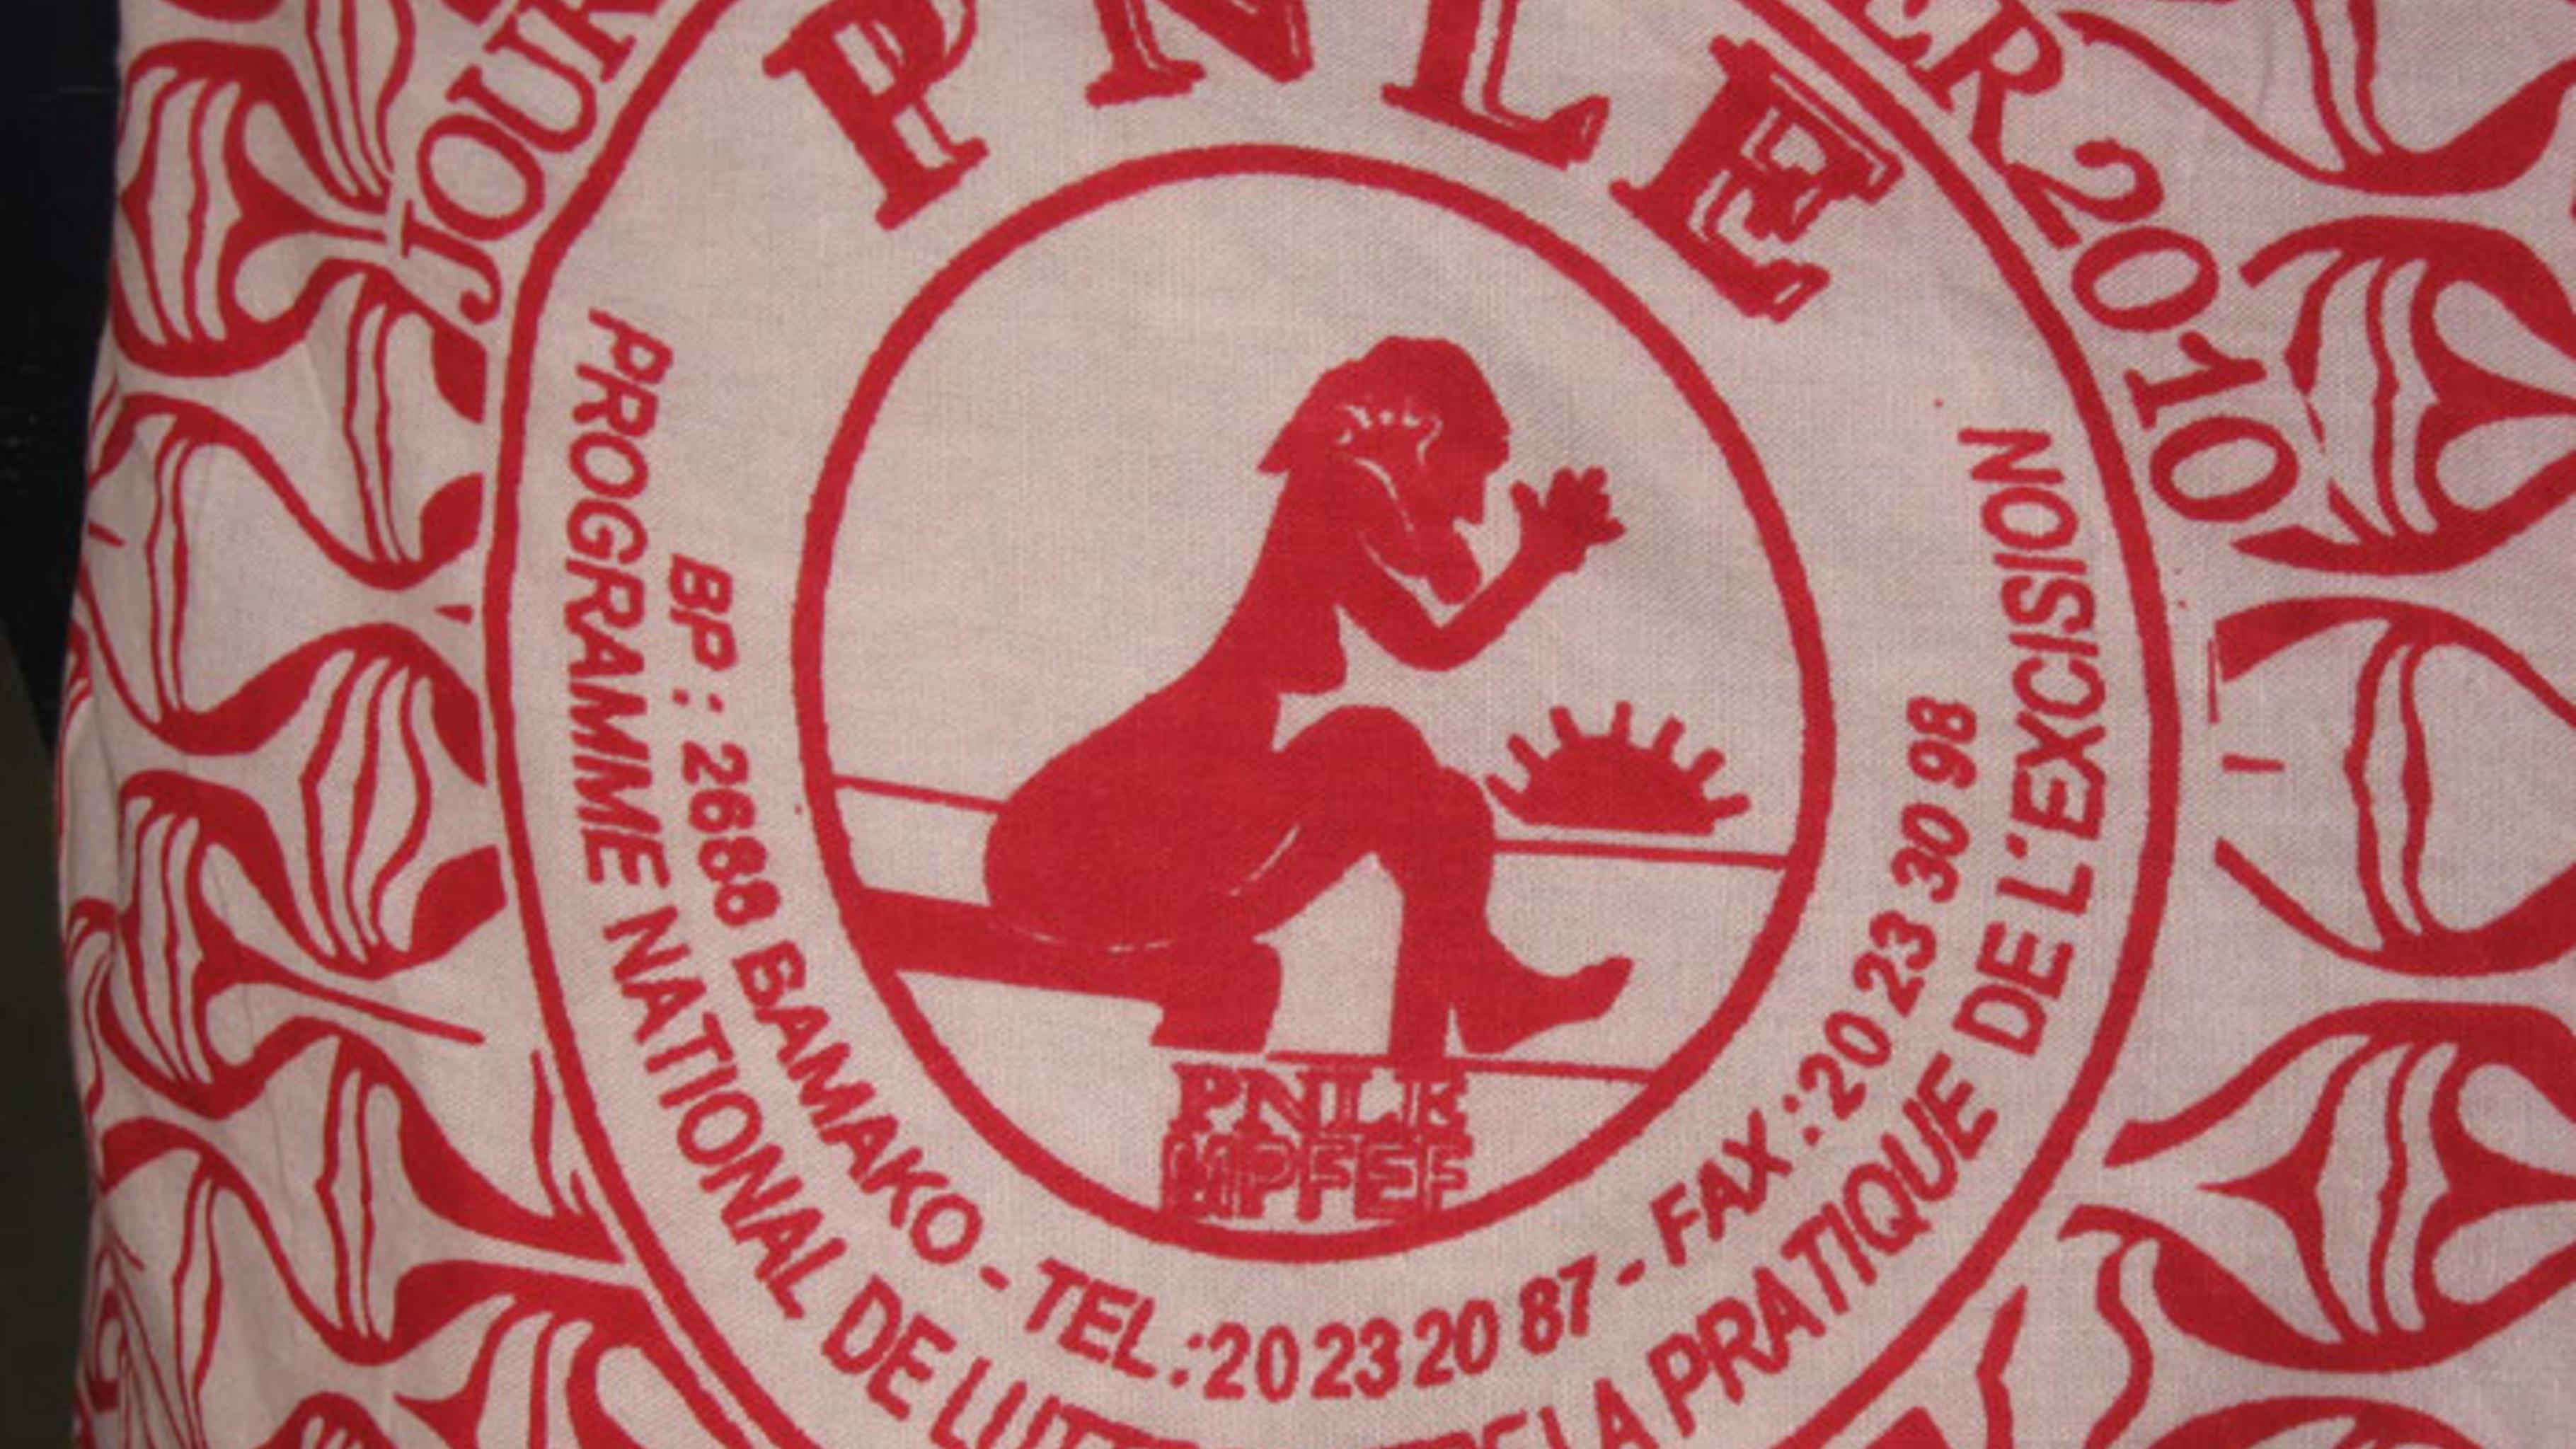 """Foto: Das Emblem des """"PNLE""""."""